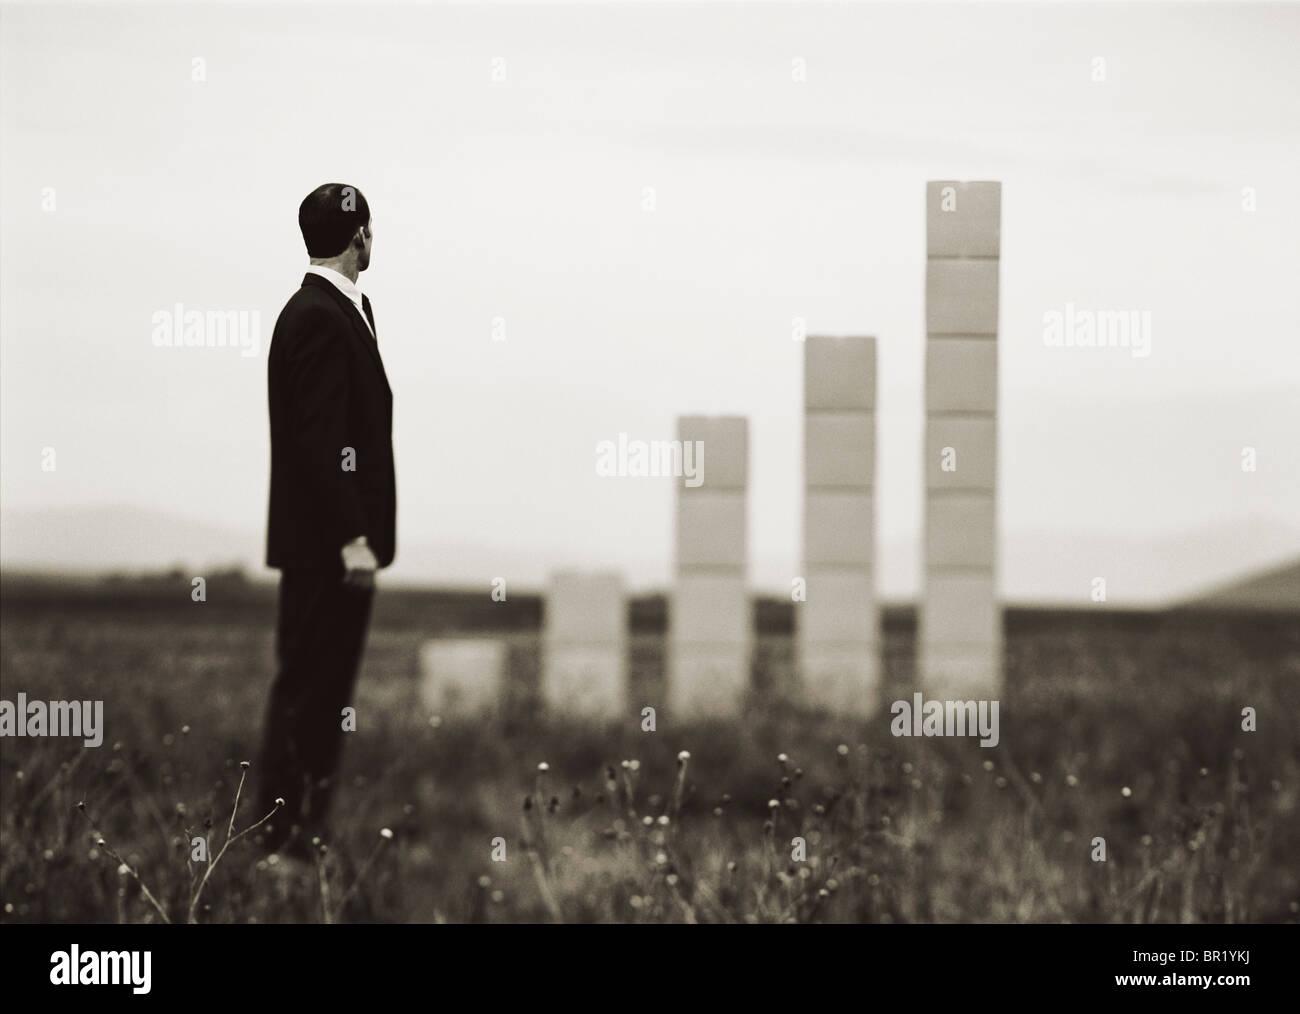 El hombre de campo con cajas apiladas formando un gráfico. Imagen De Stock